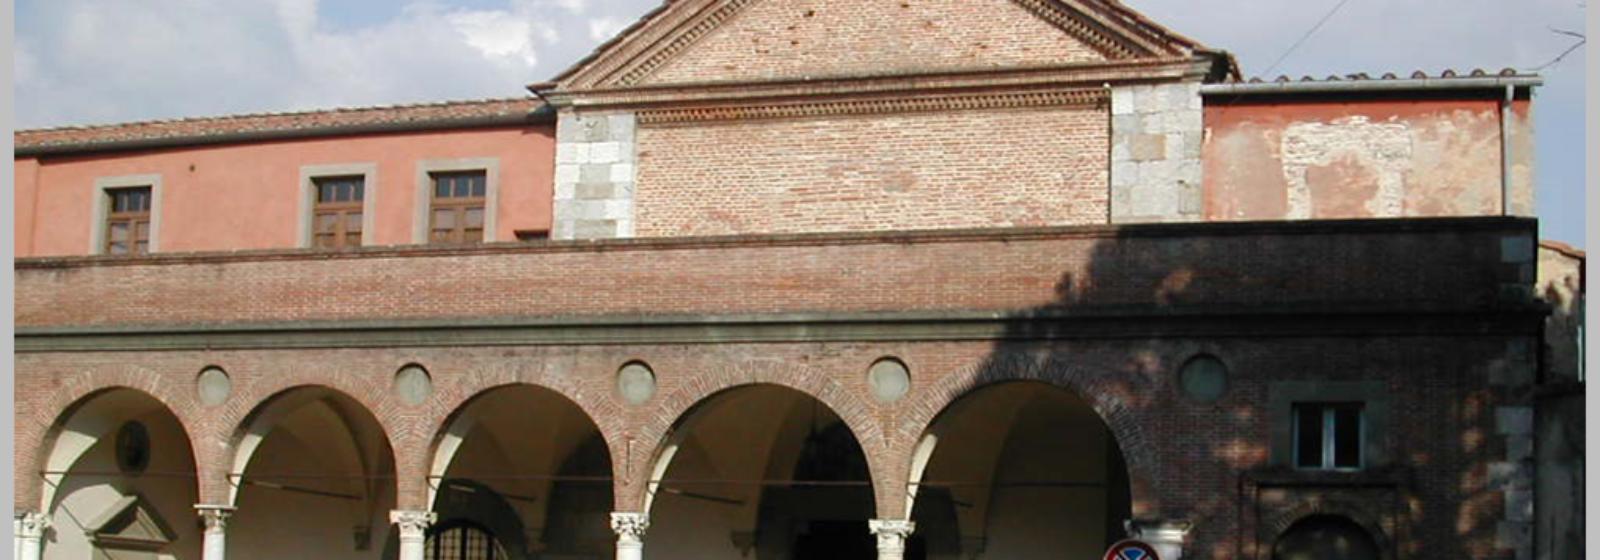 Invenzione S. Croce - Pisa